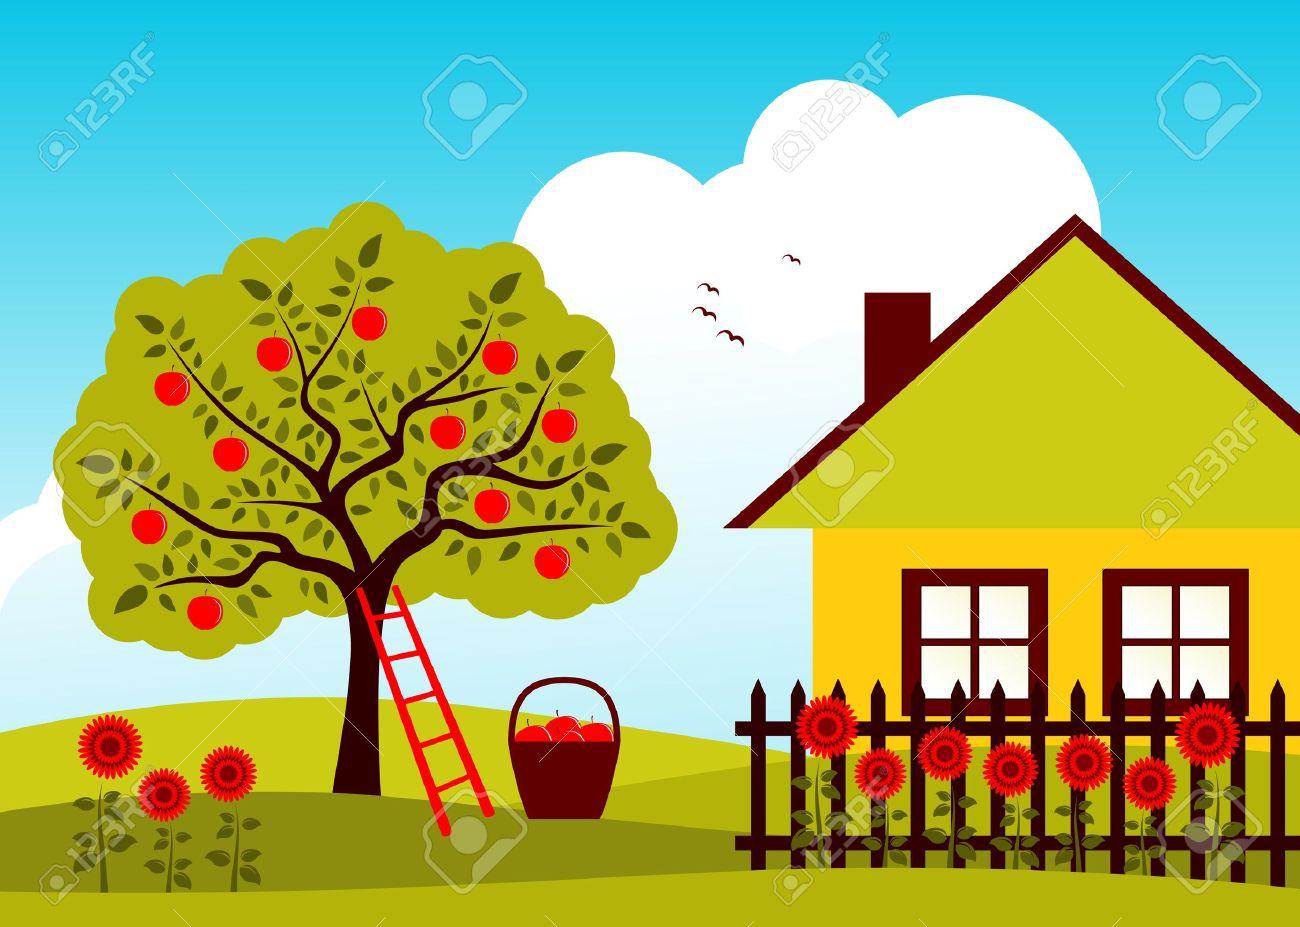 äppelträd och stuga med staketet royalty fri clipart, vektorer och ...